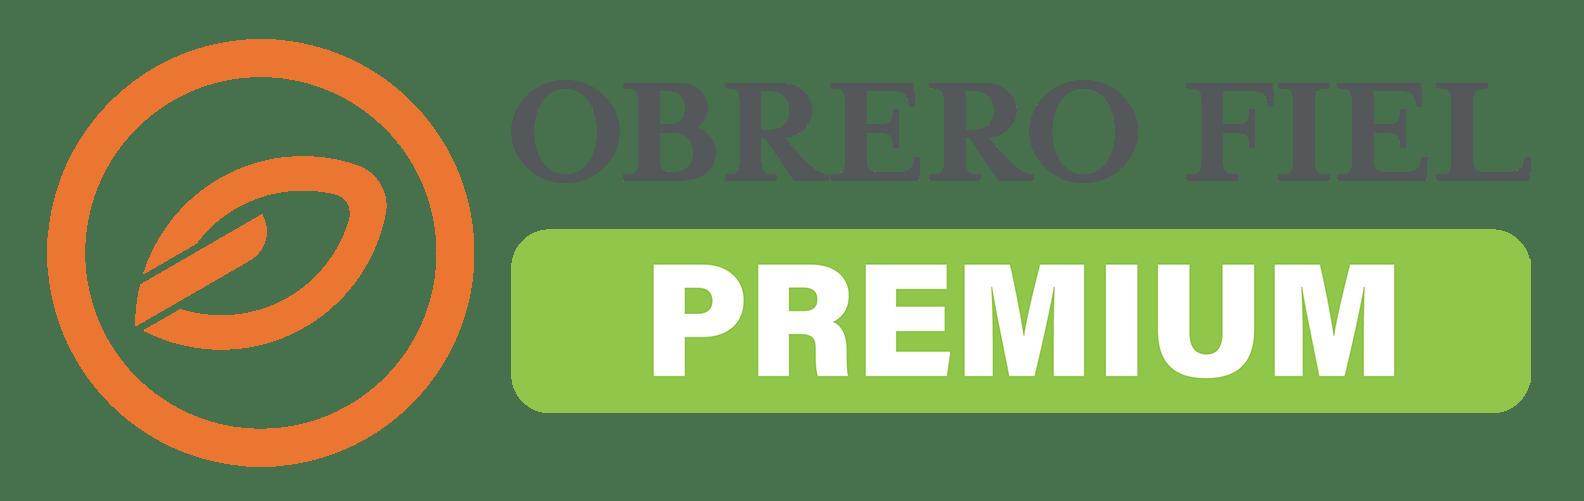 Logo de Obrero Fiel Premium